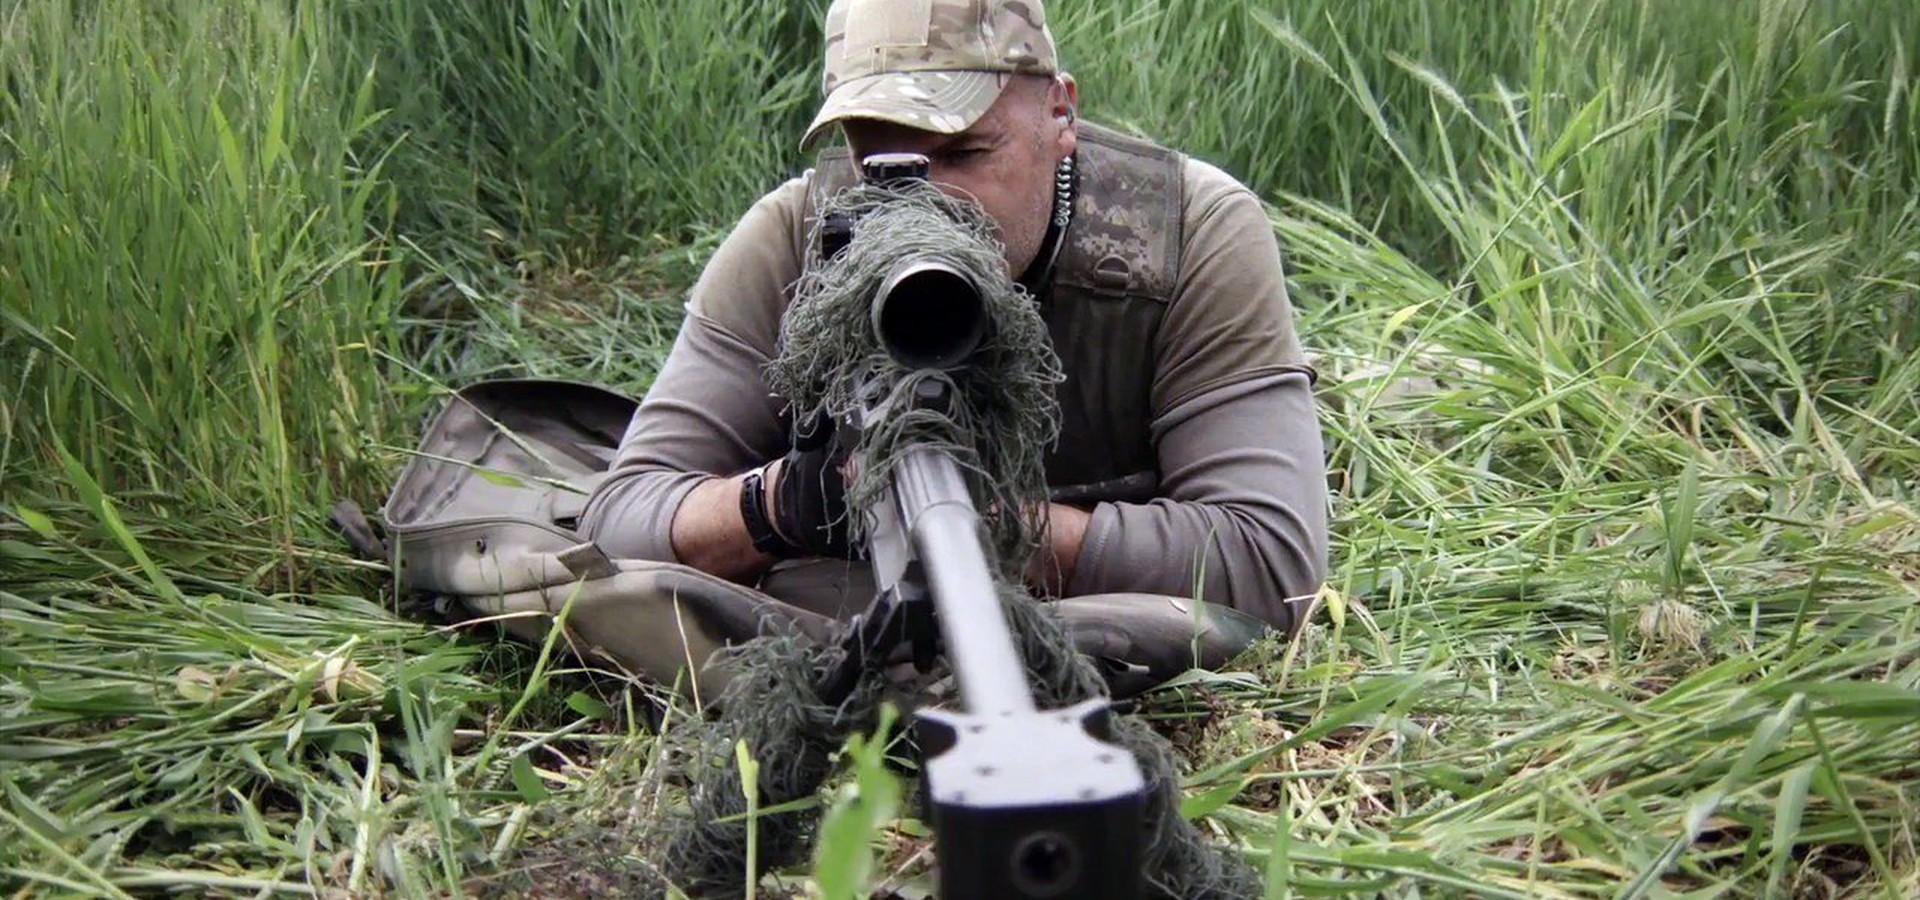 Sniper: O Atirador Fantasma